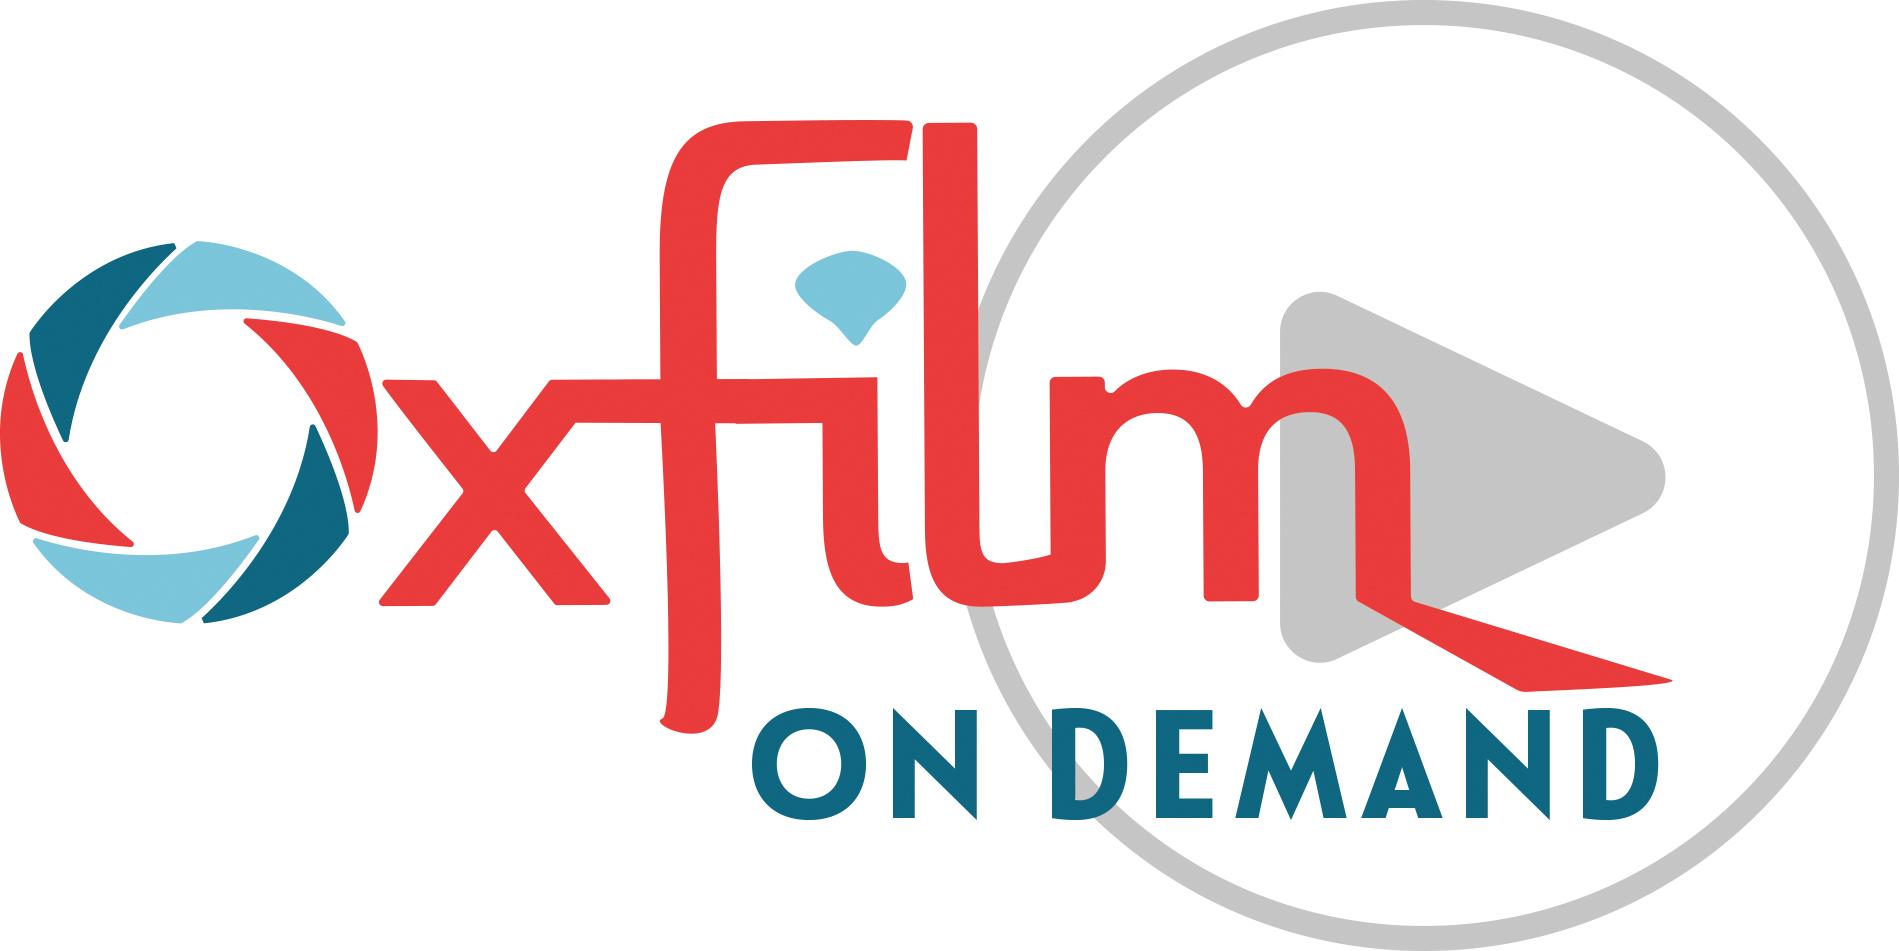 OxFilm Cinema